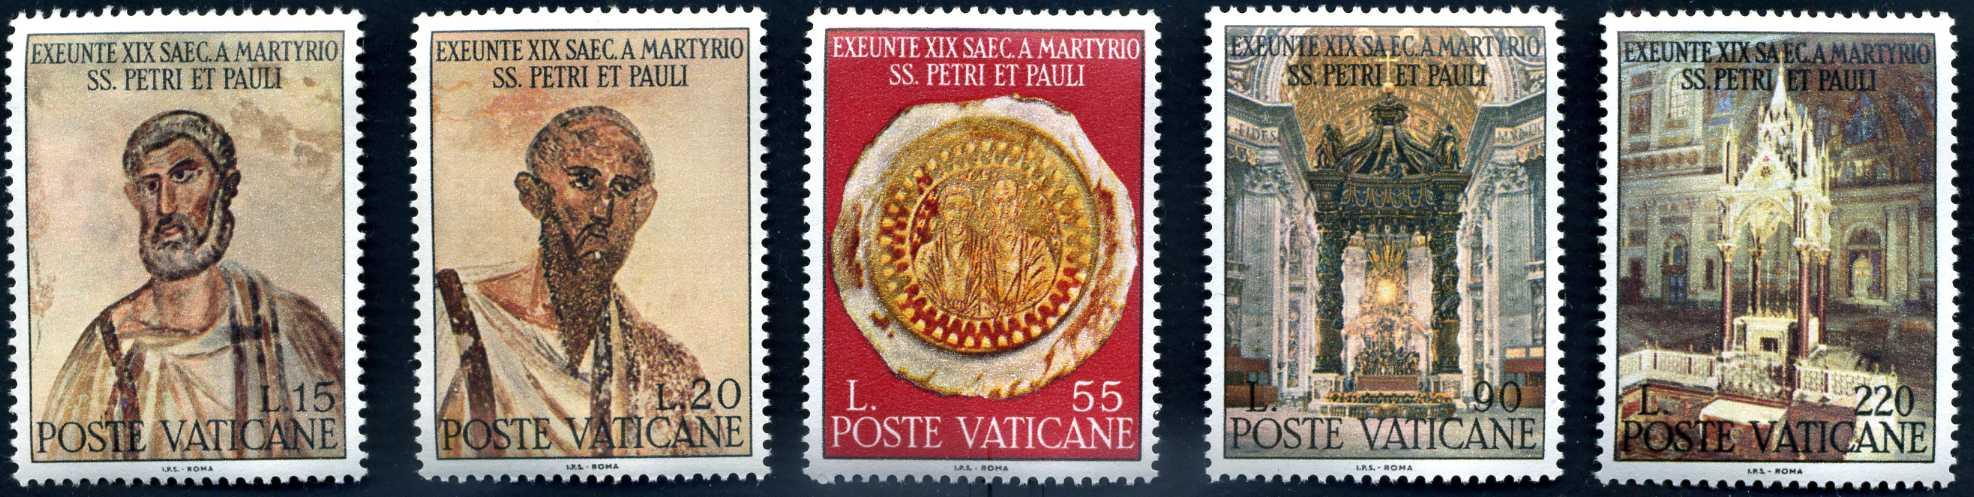 VA 275 1967 1900 J. Märtyrertod.jpg